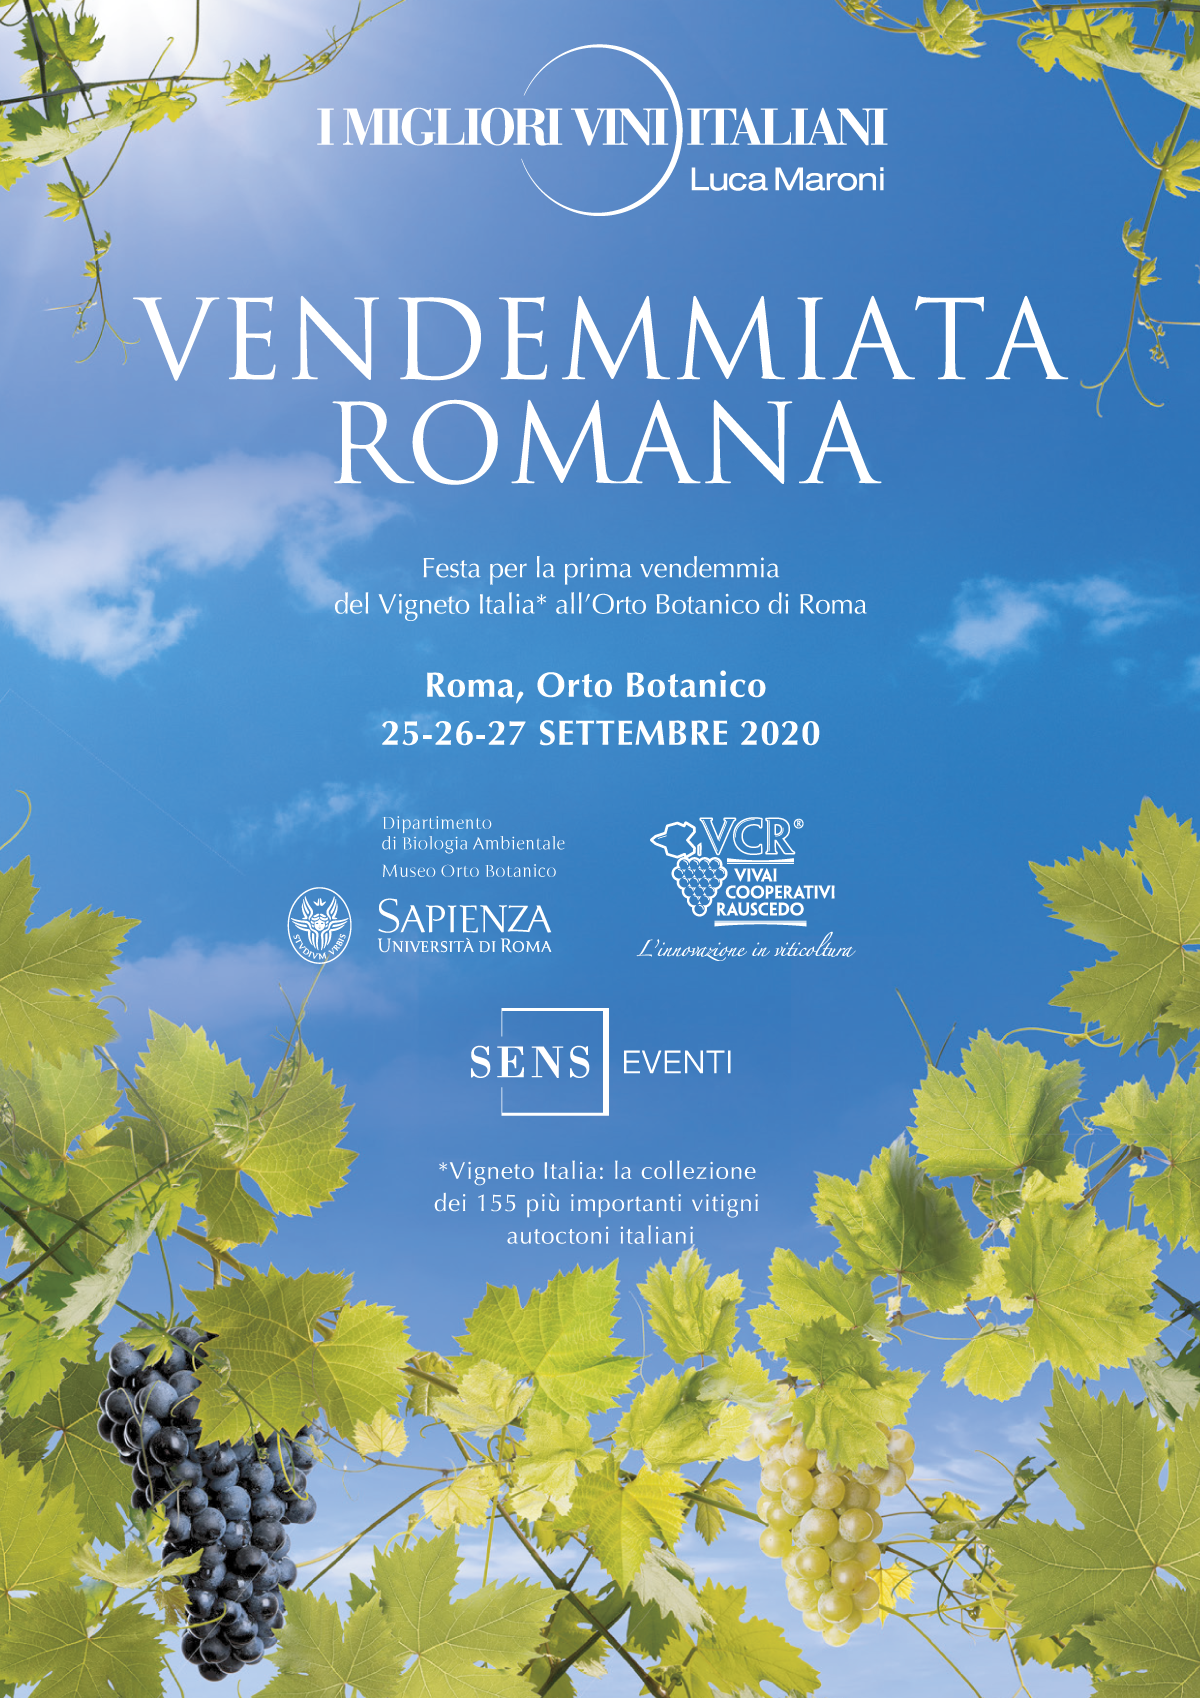 imvi_vendemmiata-romana_locandina